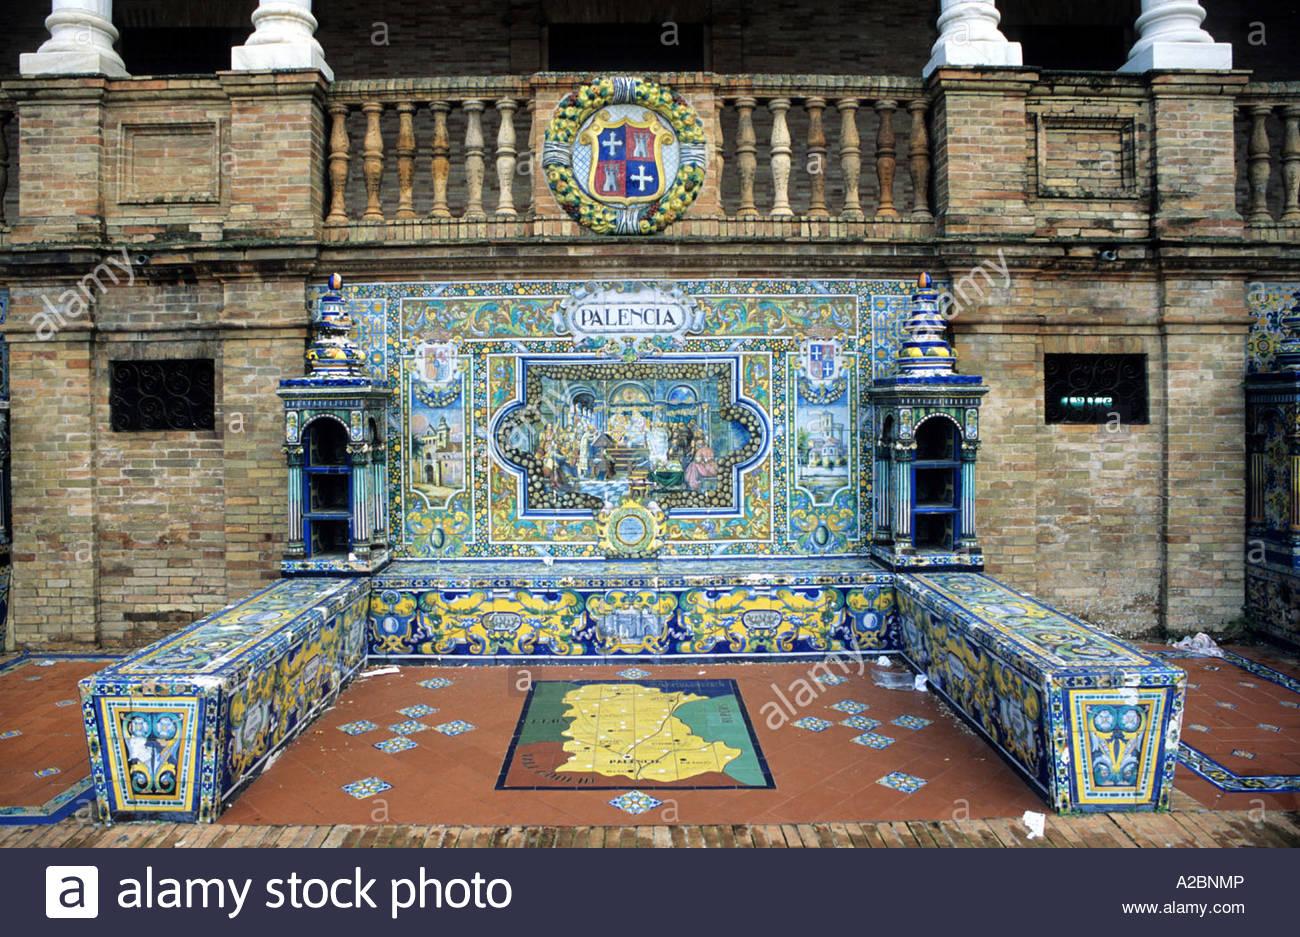 Palencia Province Tiled Picture, Plaza De Espana, Seville, Spain - Stock Image